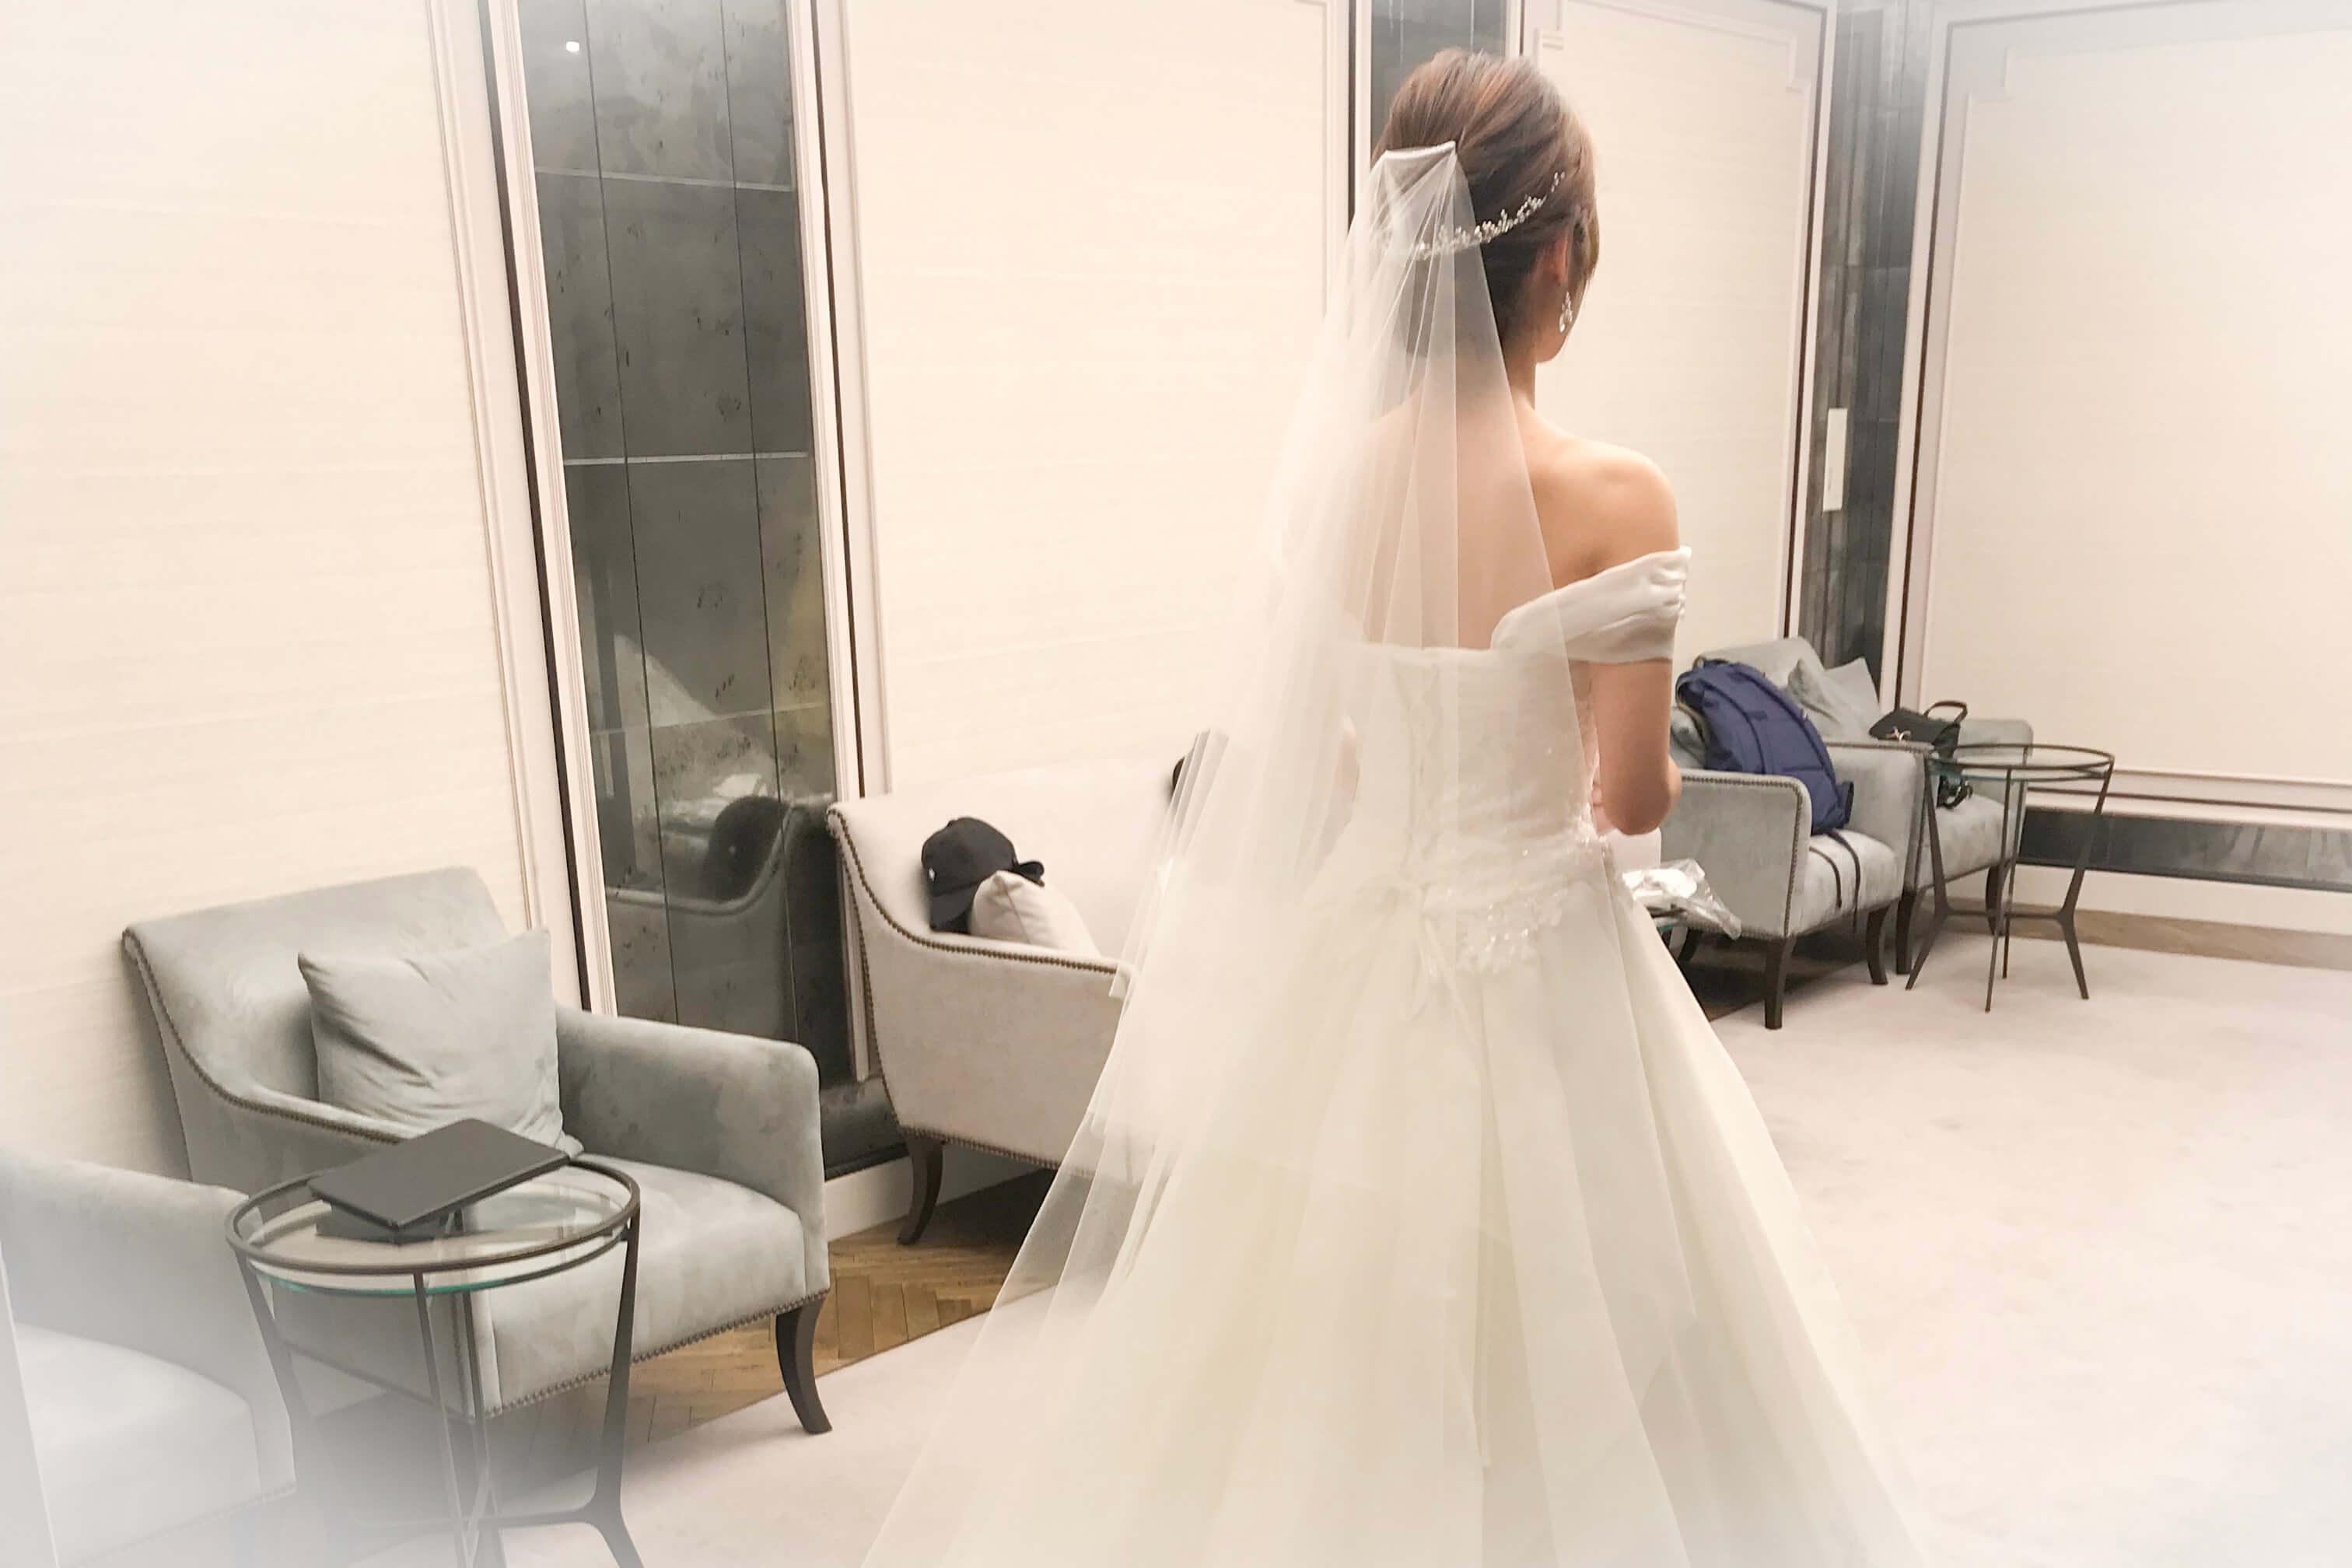 ウェディングドレスを着る時に必要な小物。ショップとネットどっちで買った方が良い?